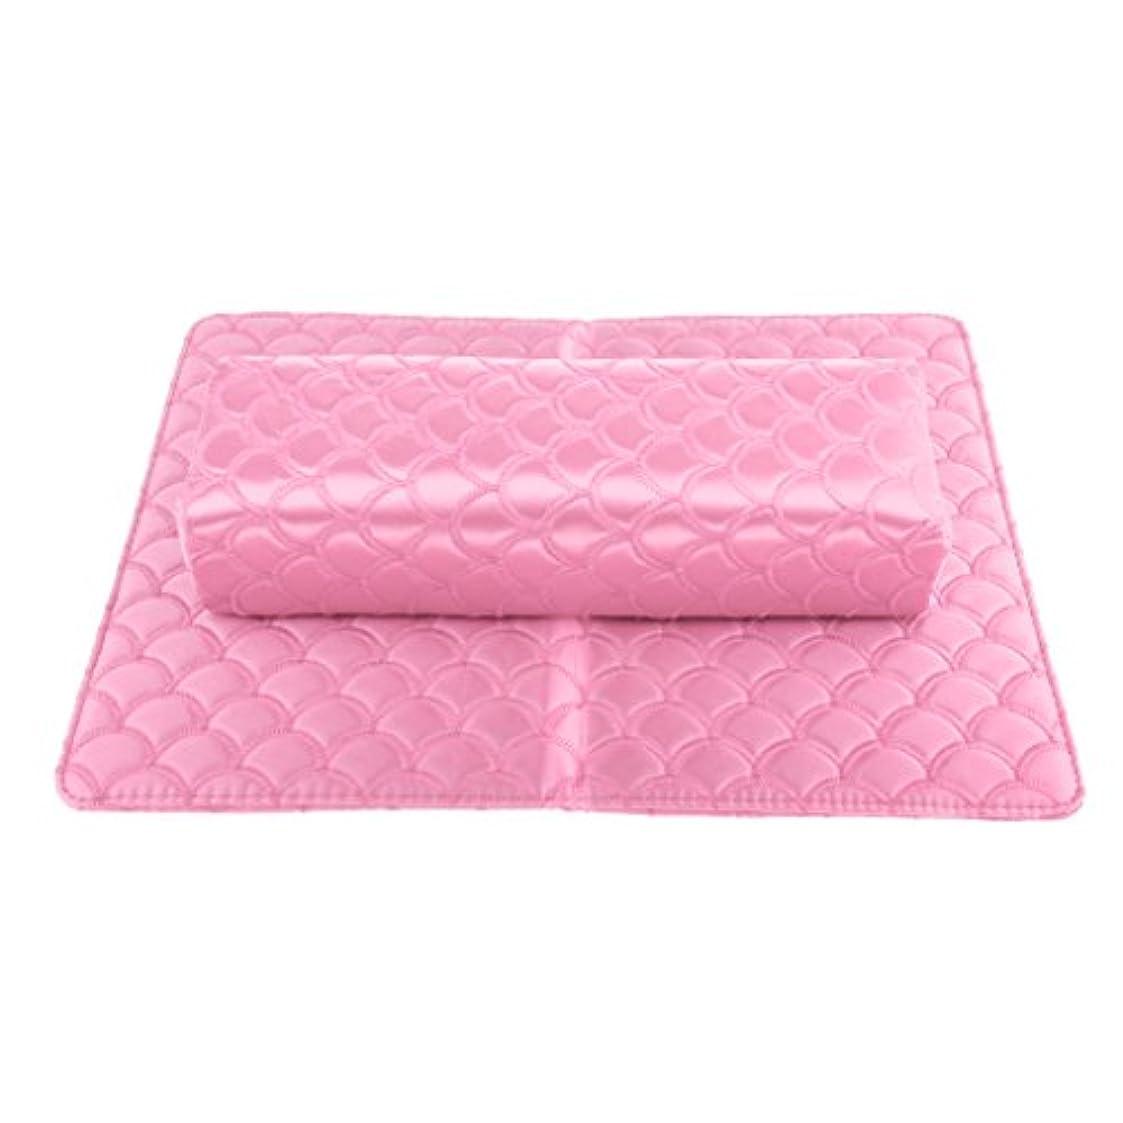 眠りピッチ潤滑するネイルピローパッド ネイルアート ハンドピロー パッド ソフト ハンドクッション マニキュア アームレストホルダー 多色選べる - ピンク